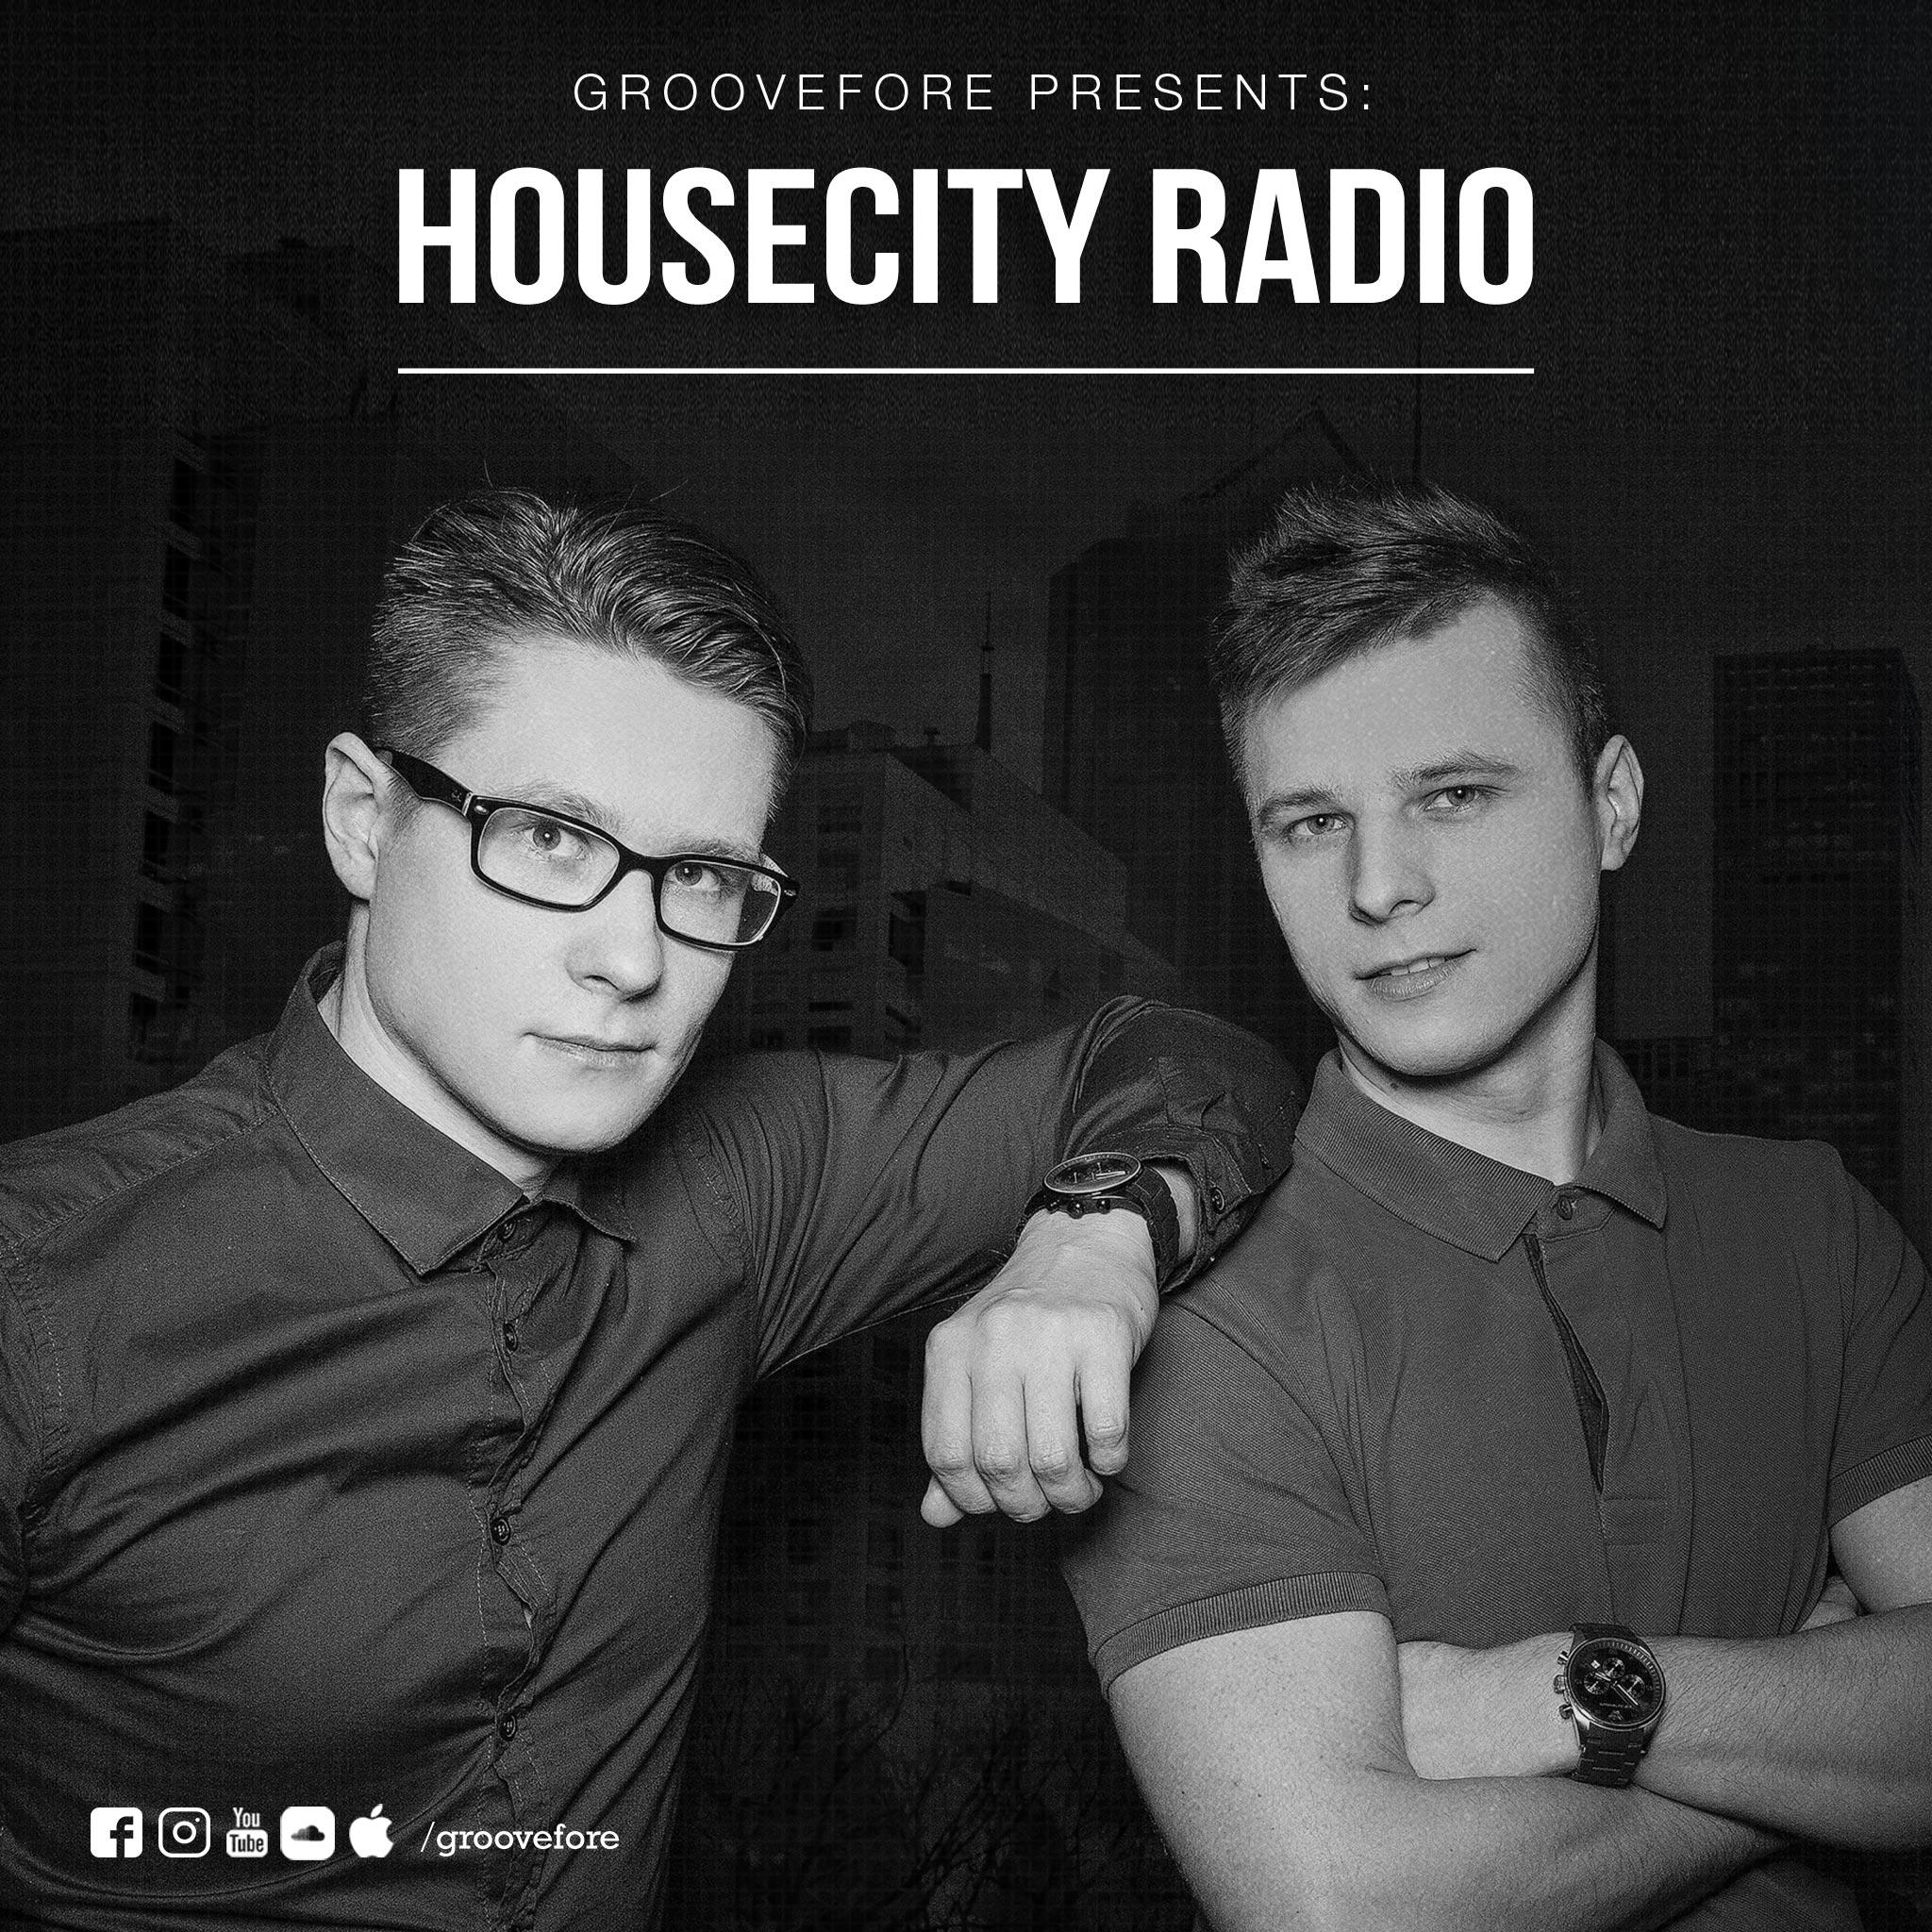 Groovefore presents Housecity Radio